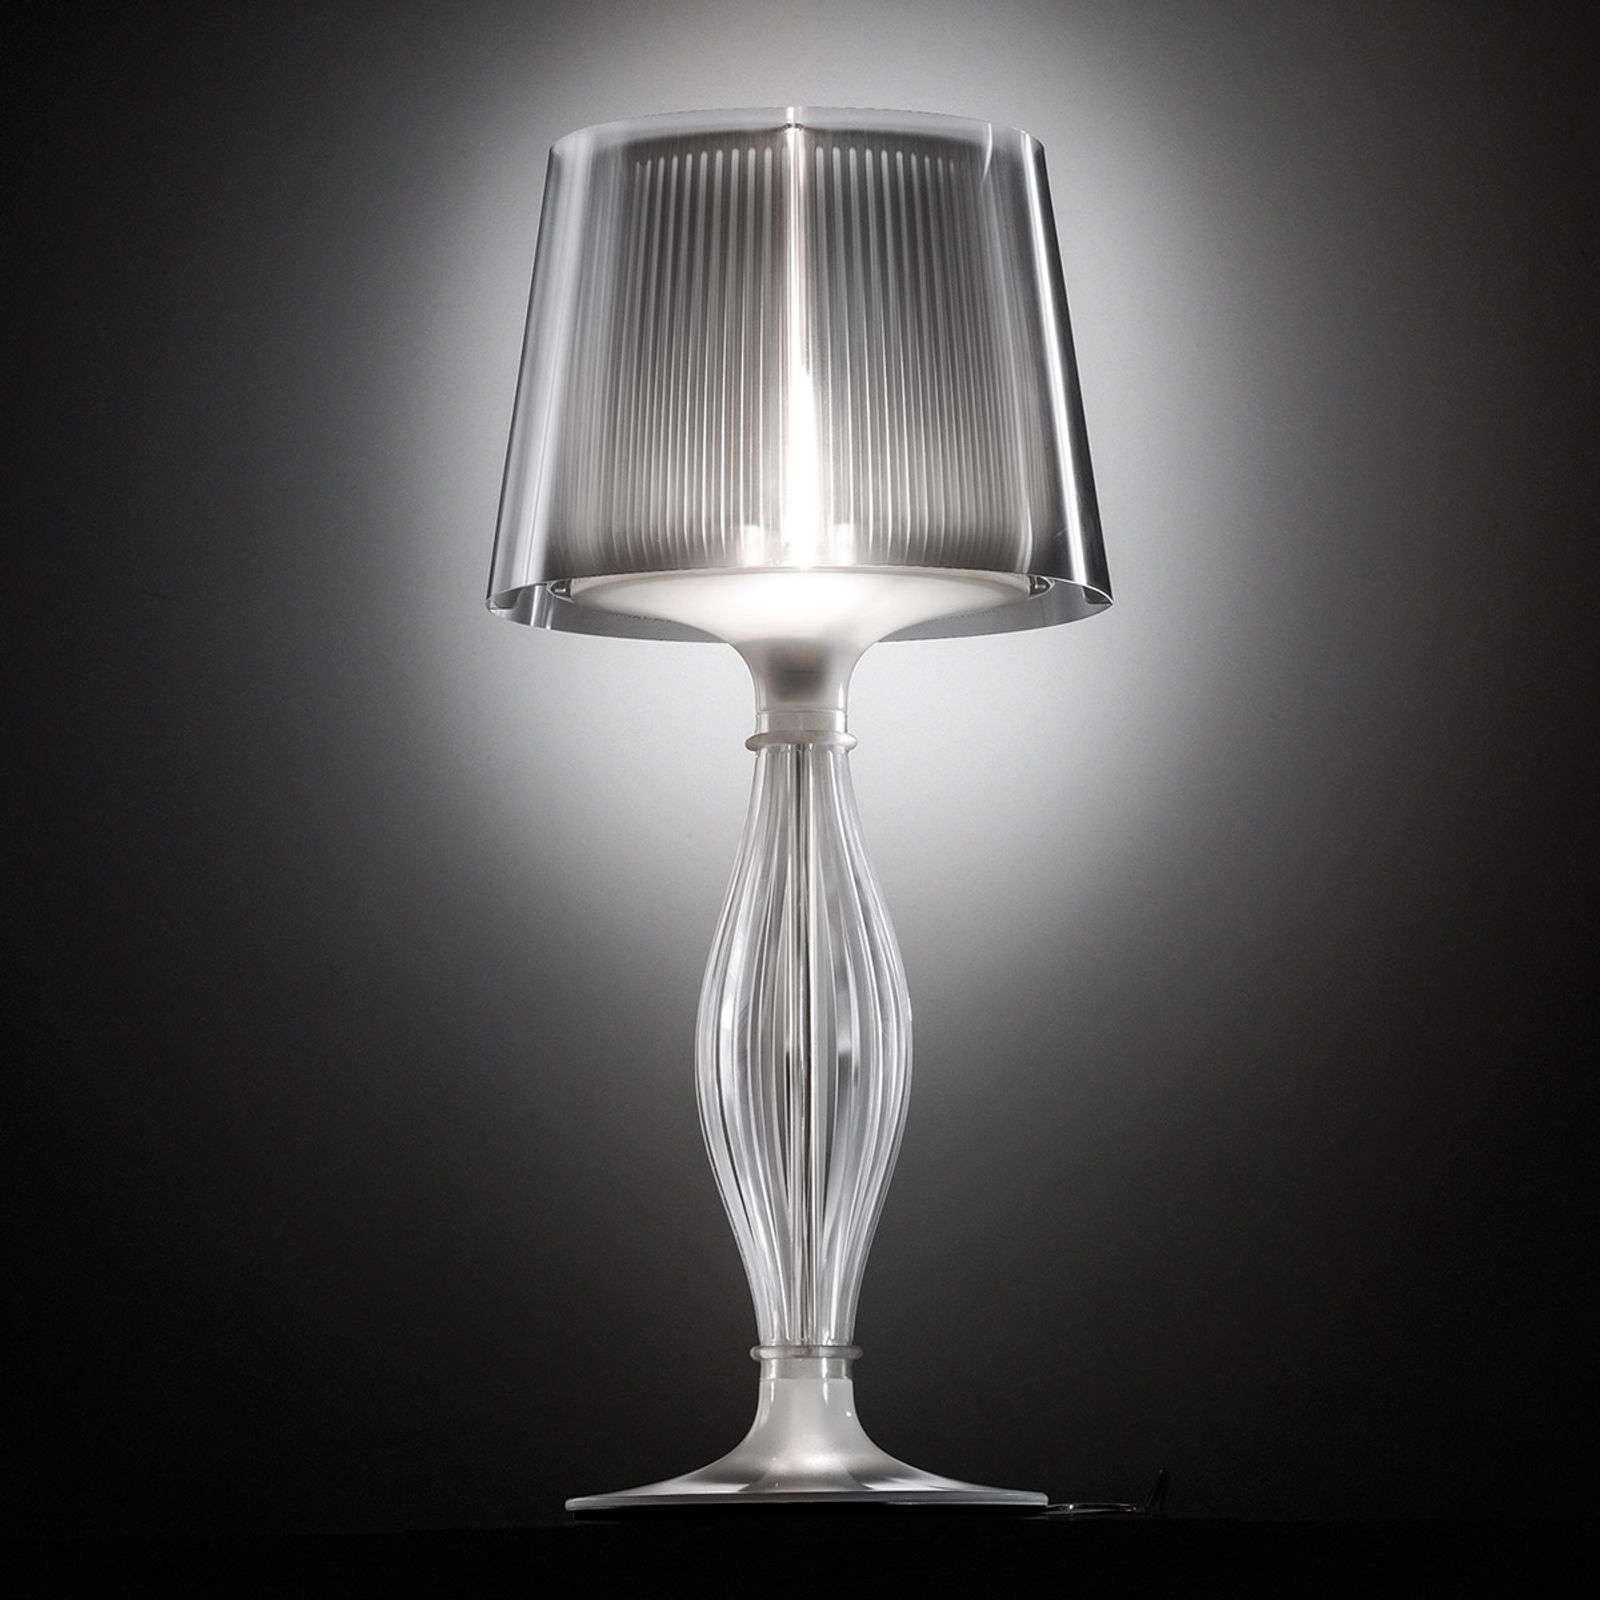 Lampe A Poser Transparente Liza De Slamp Lampes De Table Lampe A Poser Et Transparent